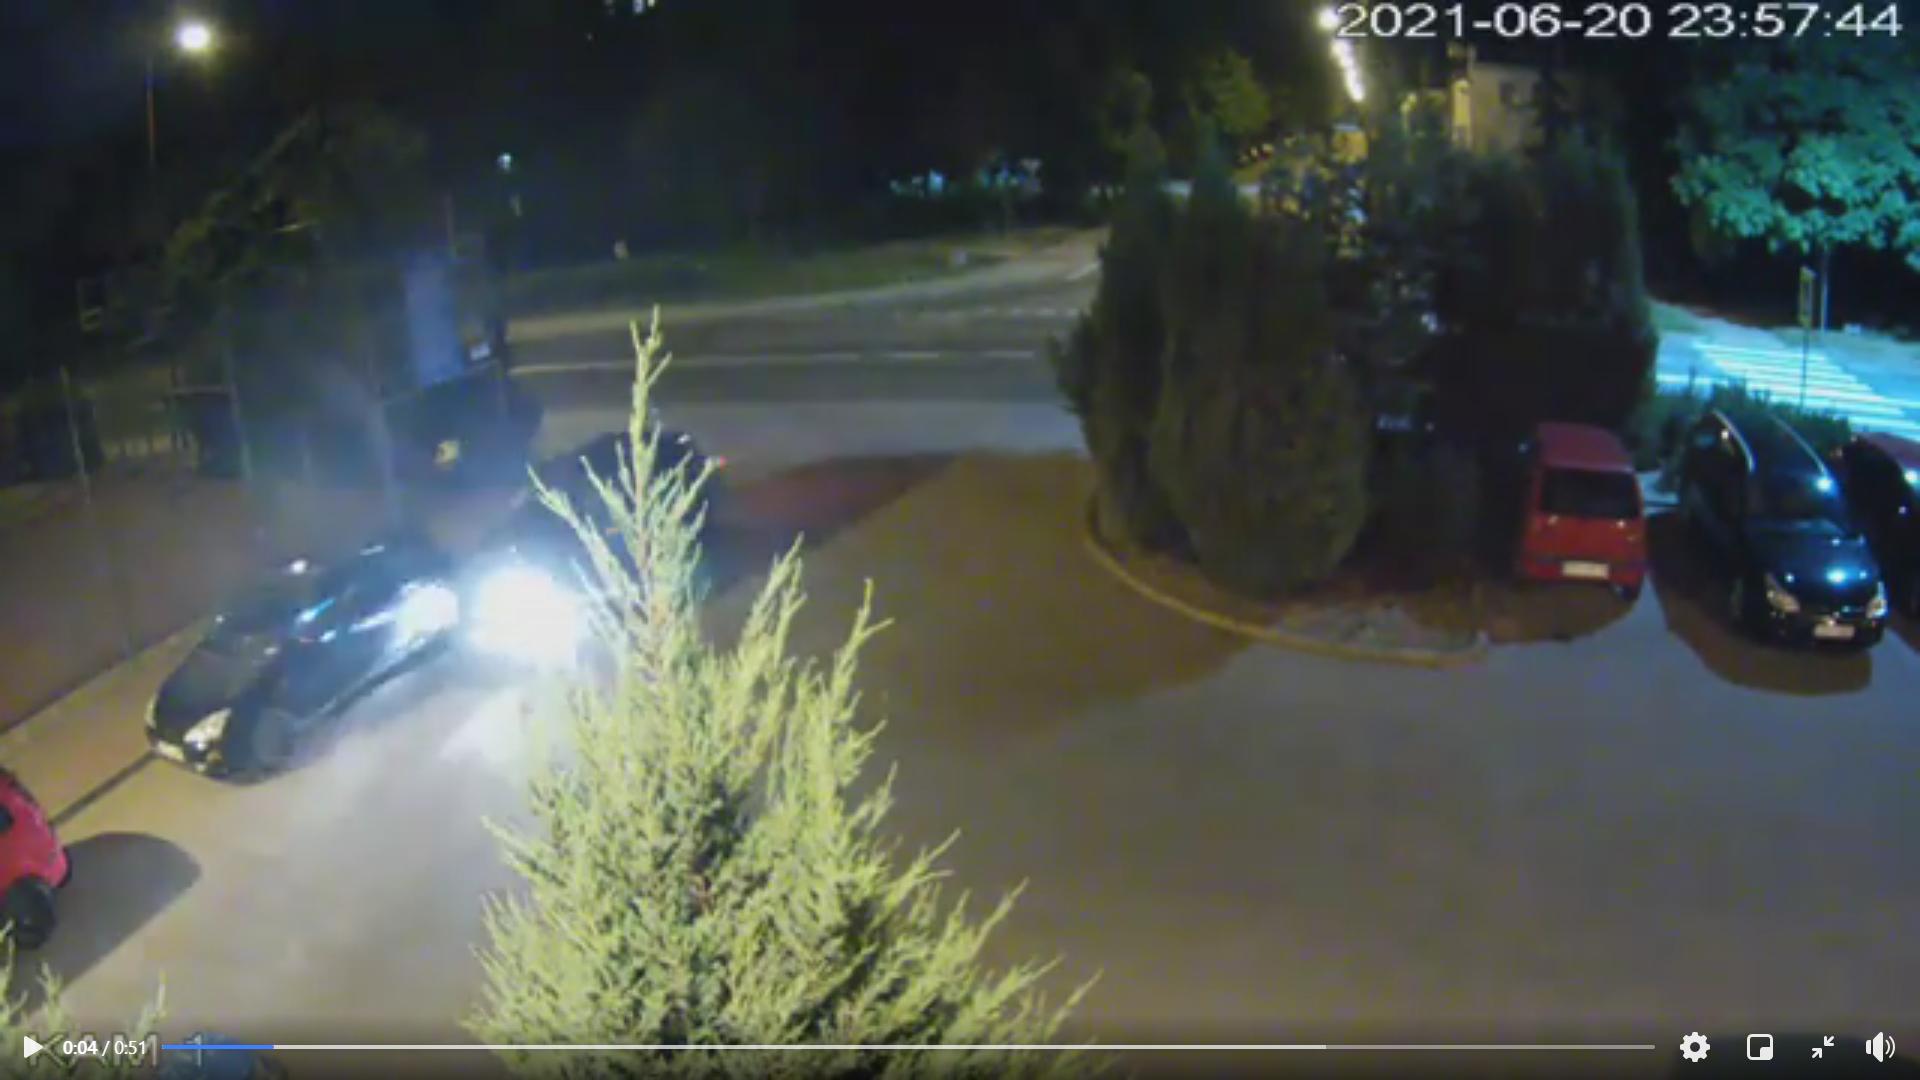 Uderzył z impetem w zaparkowane auto i uciekł z miejsca zdarzenia. Jest nagranie [WIDEO] - Zdjęcie główne